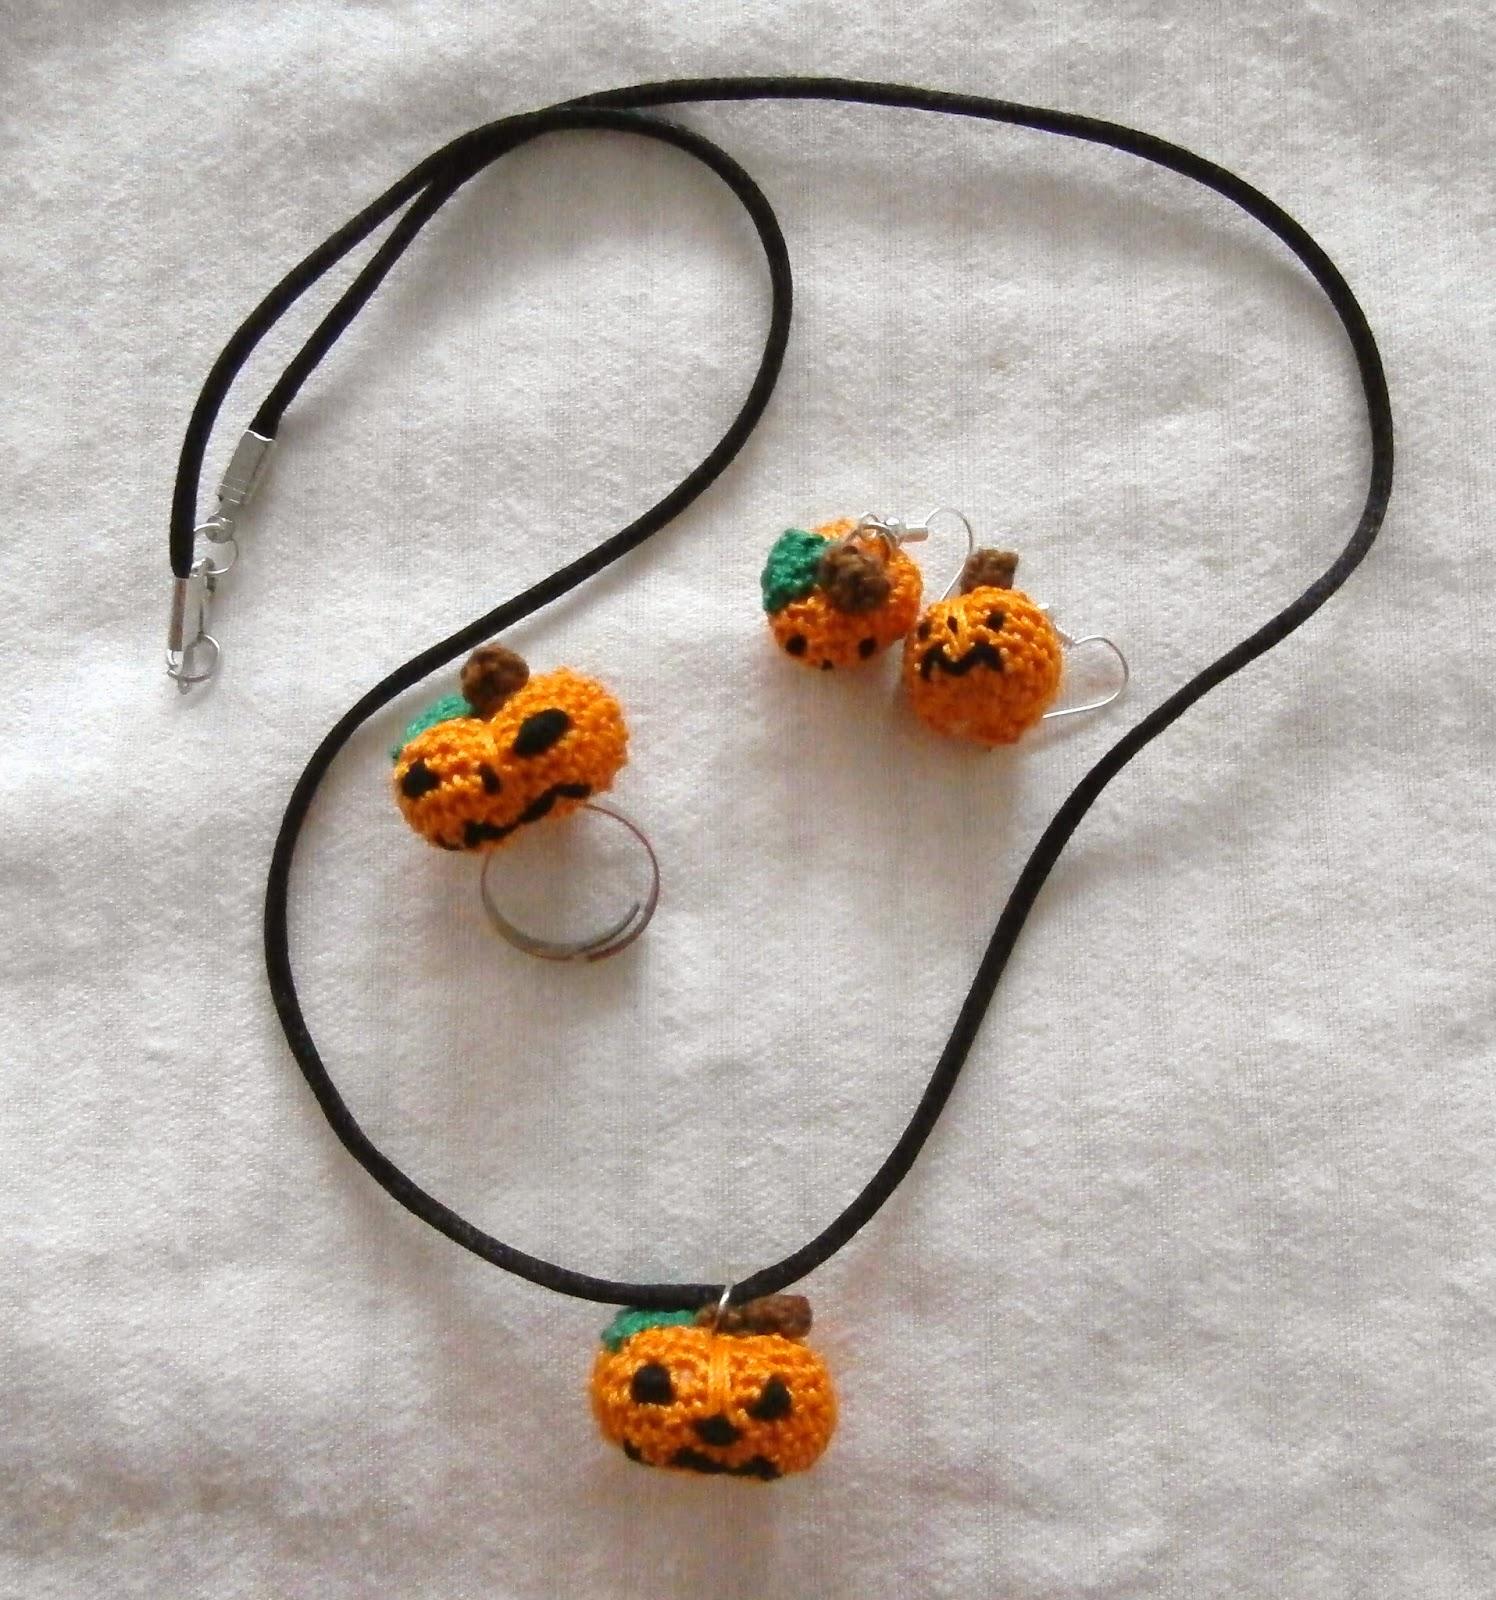 Artmorixe - Labores y manualidades: Conjunto calabacitas Halloween ...